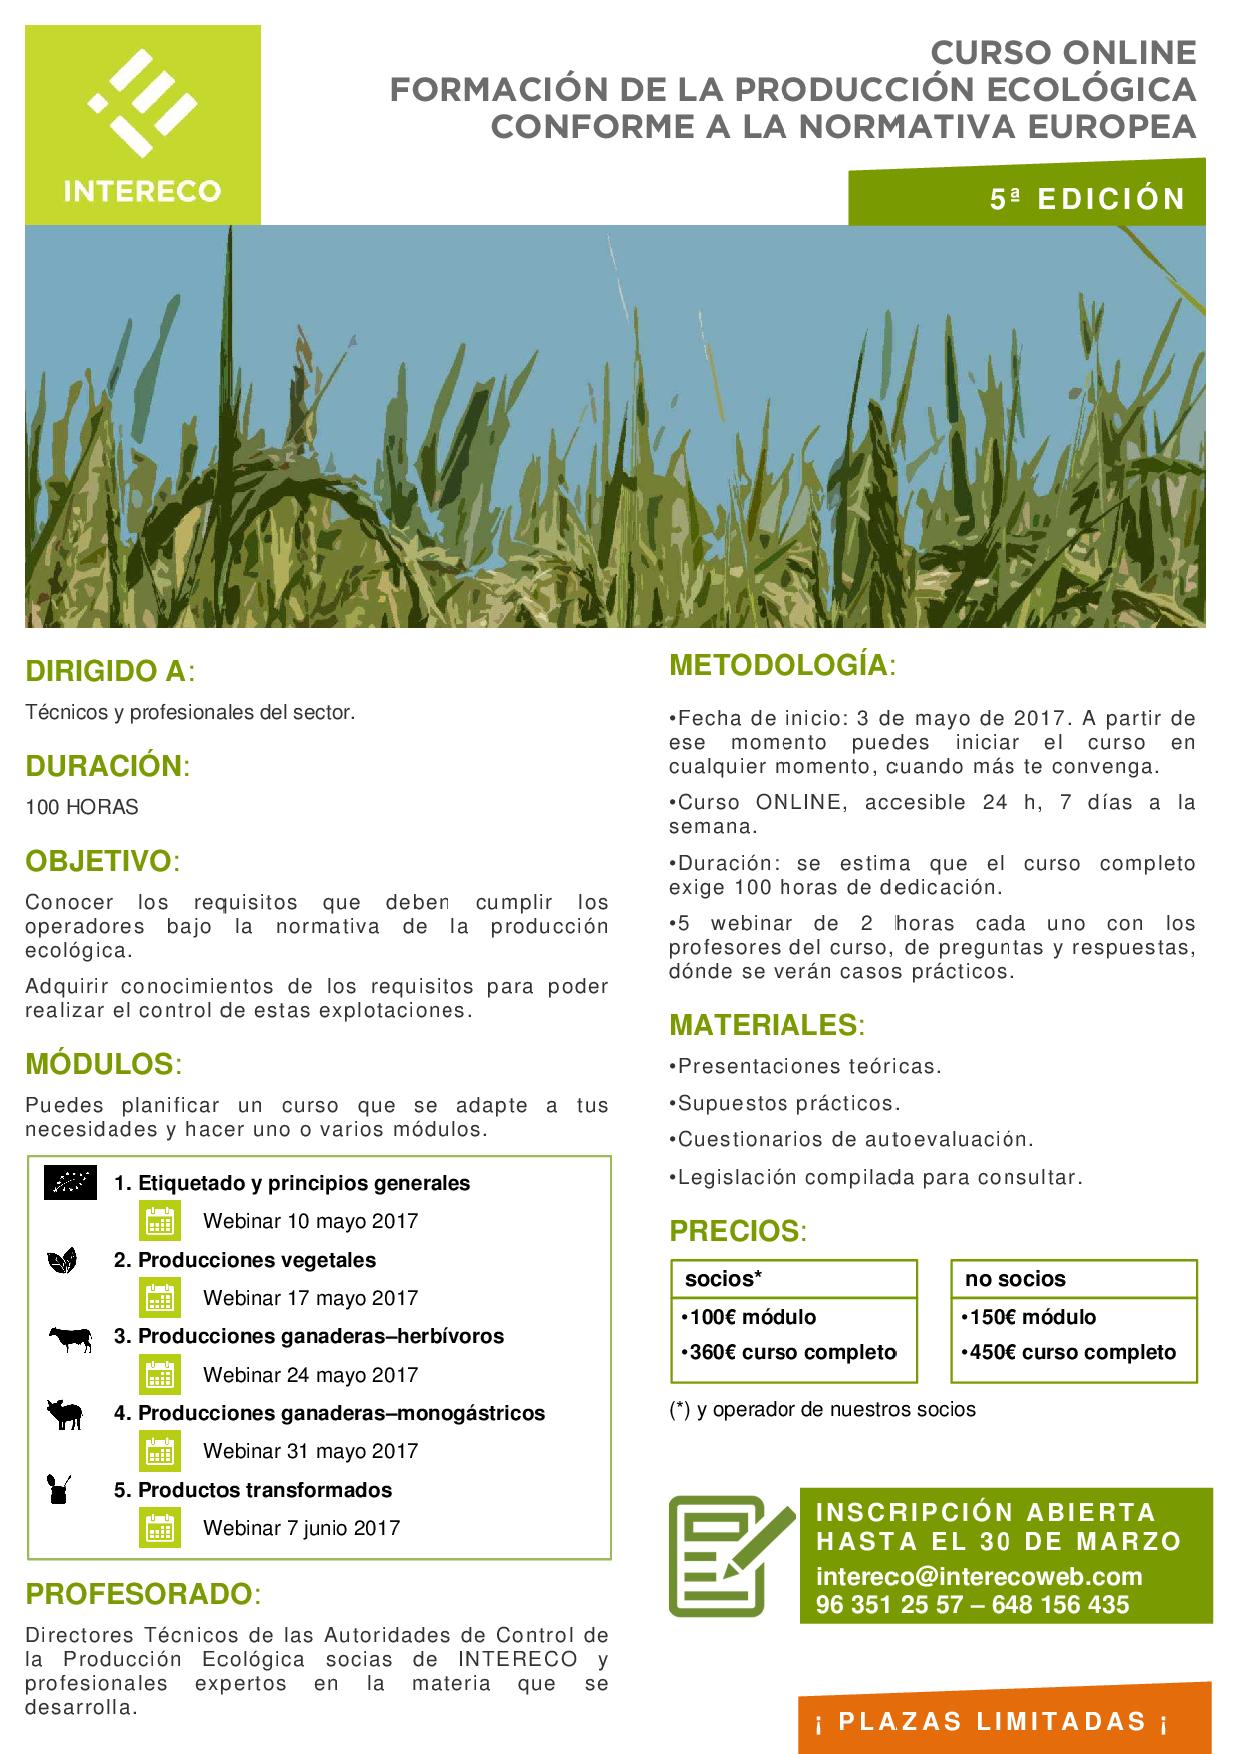 ¿Quieres formarte en el control de la producción ecológica?